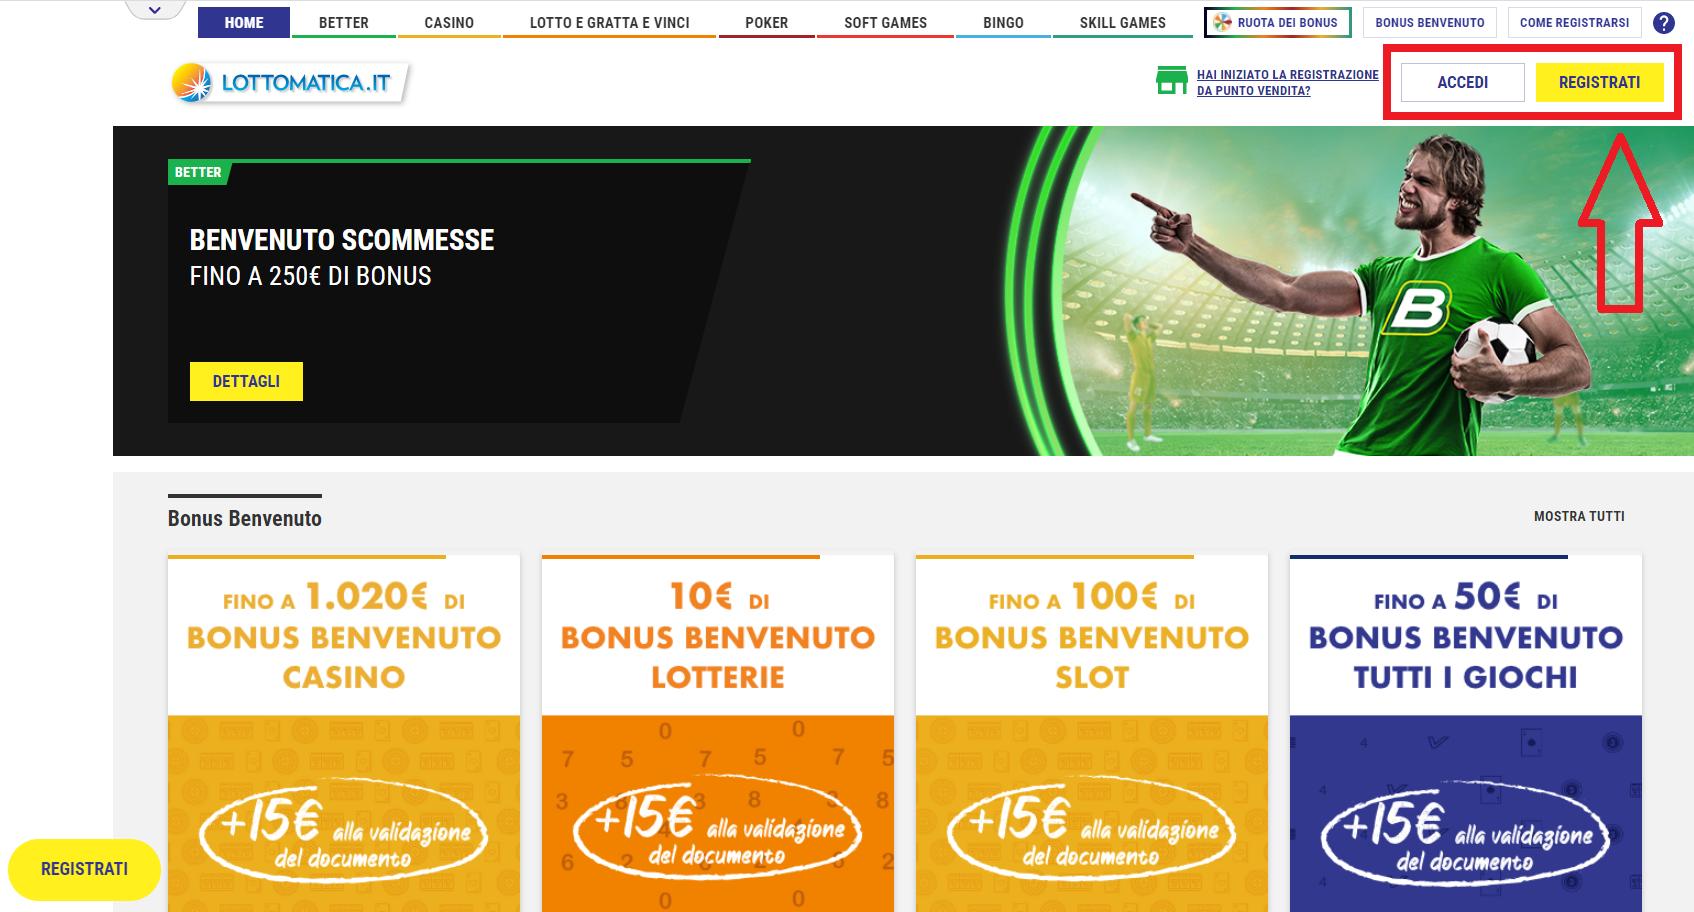 applicazione ricompensa Lottomatica-scommesse